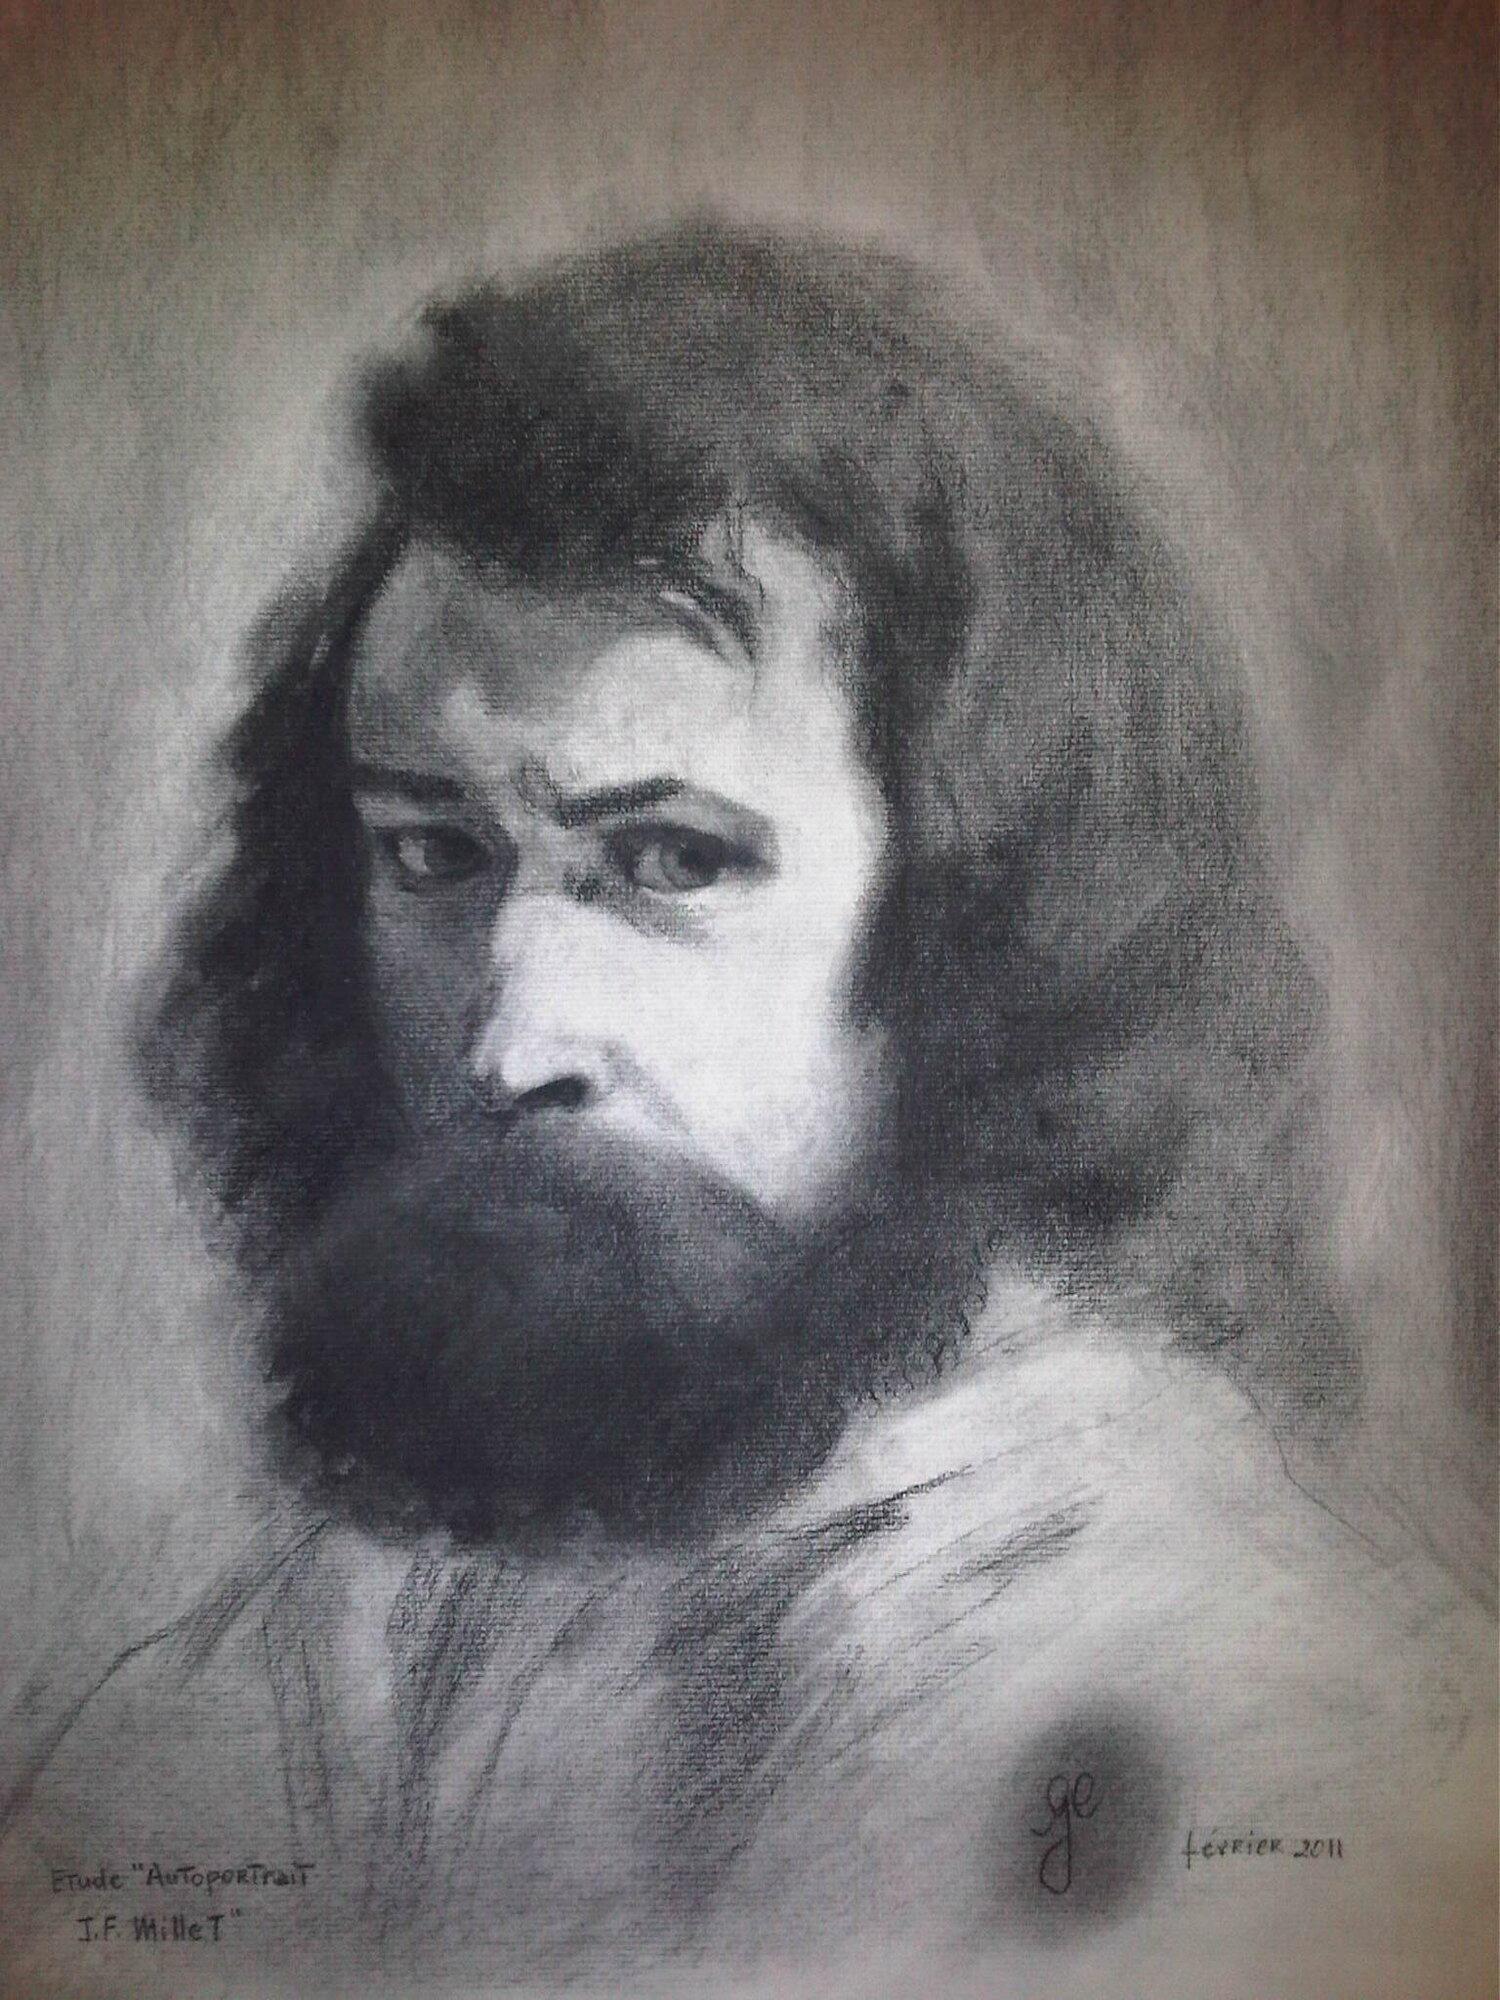 'Autoportrait JF Millet' - Fusain